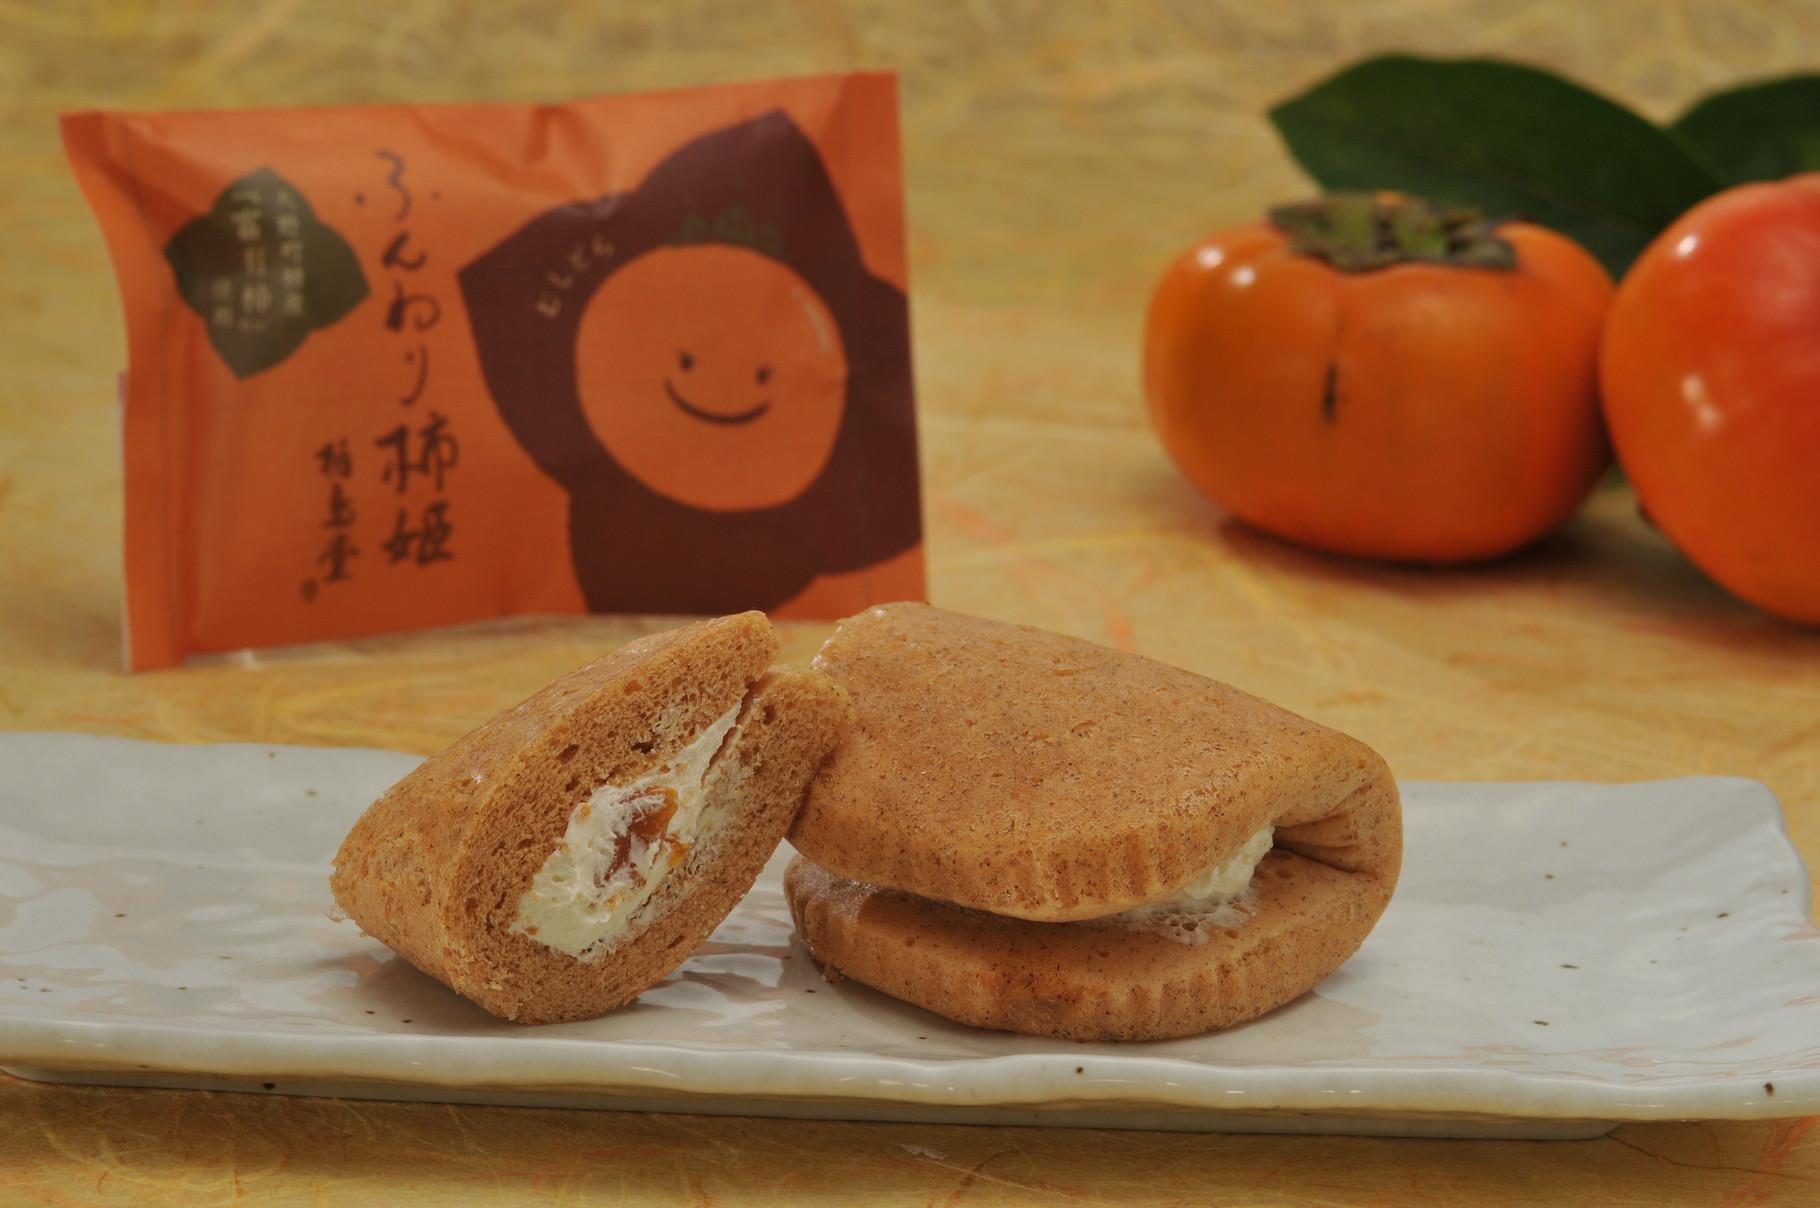 大野町特産品の柿を使用したふんわり柿姫 岐阜 和菓子 柏鳥堂